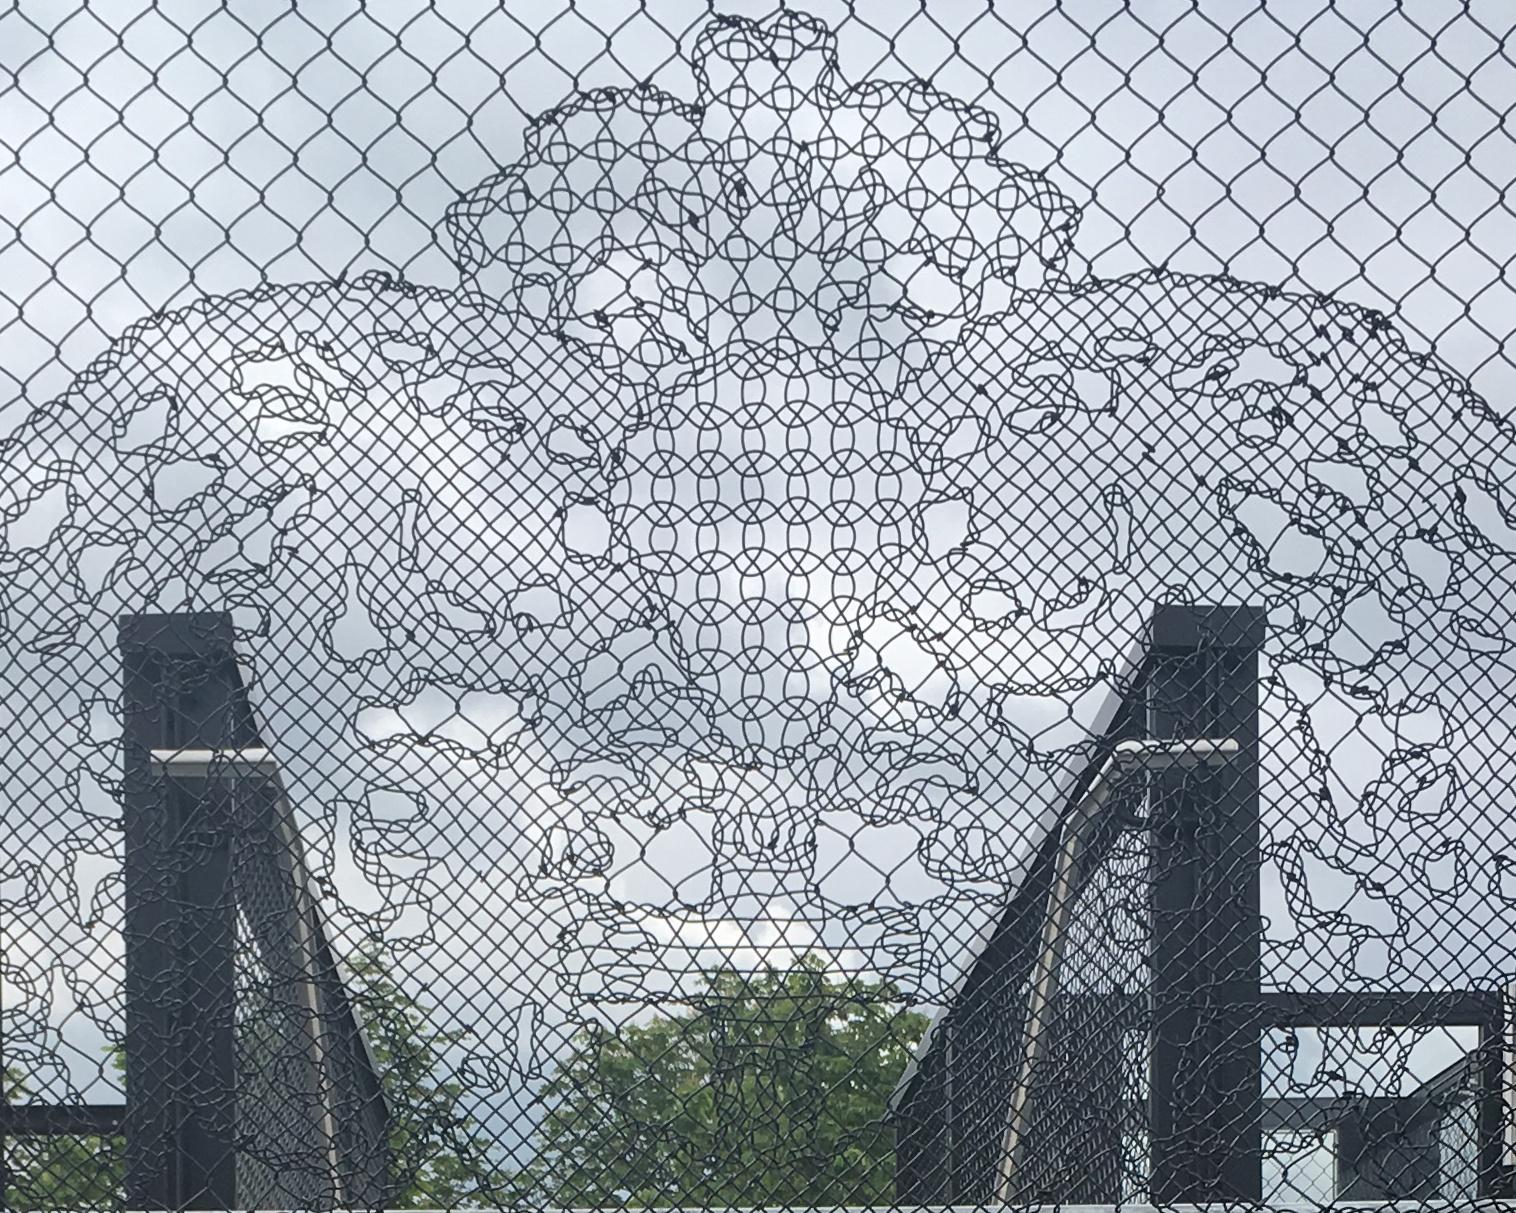 Schloss Hof Krone Lasce Fence